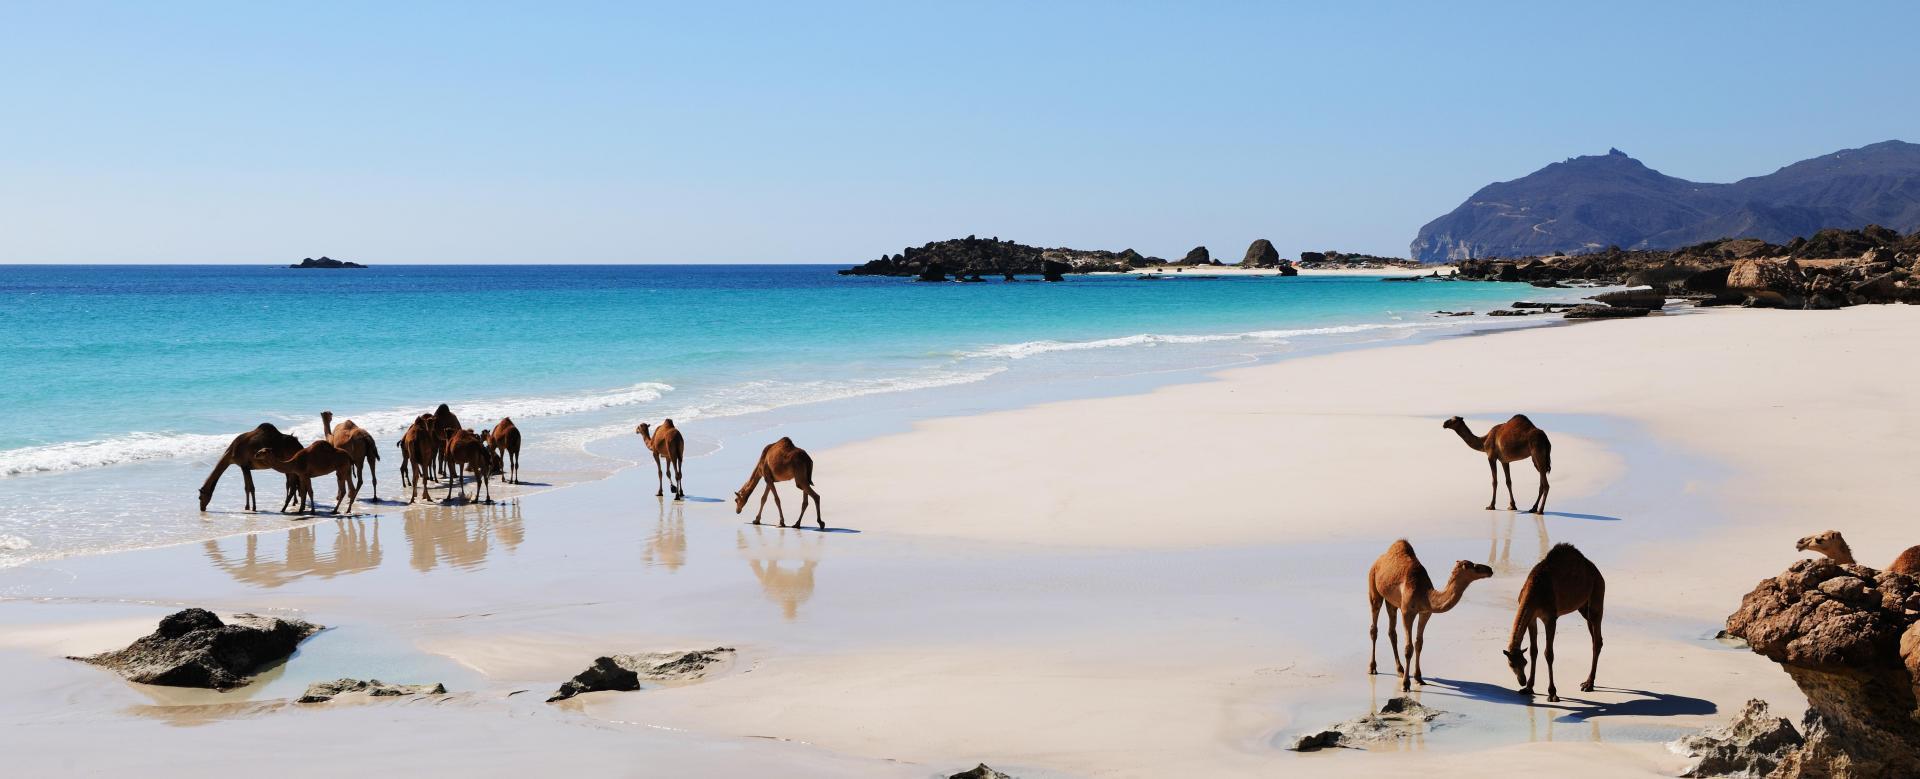 Voyage à pied : La grande traversée d'oman